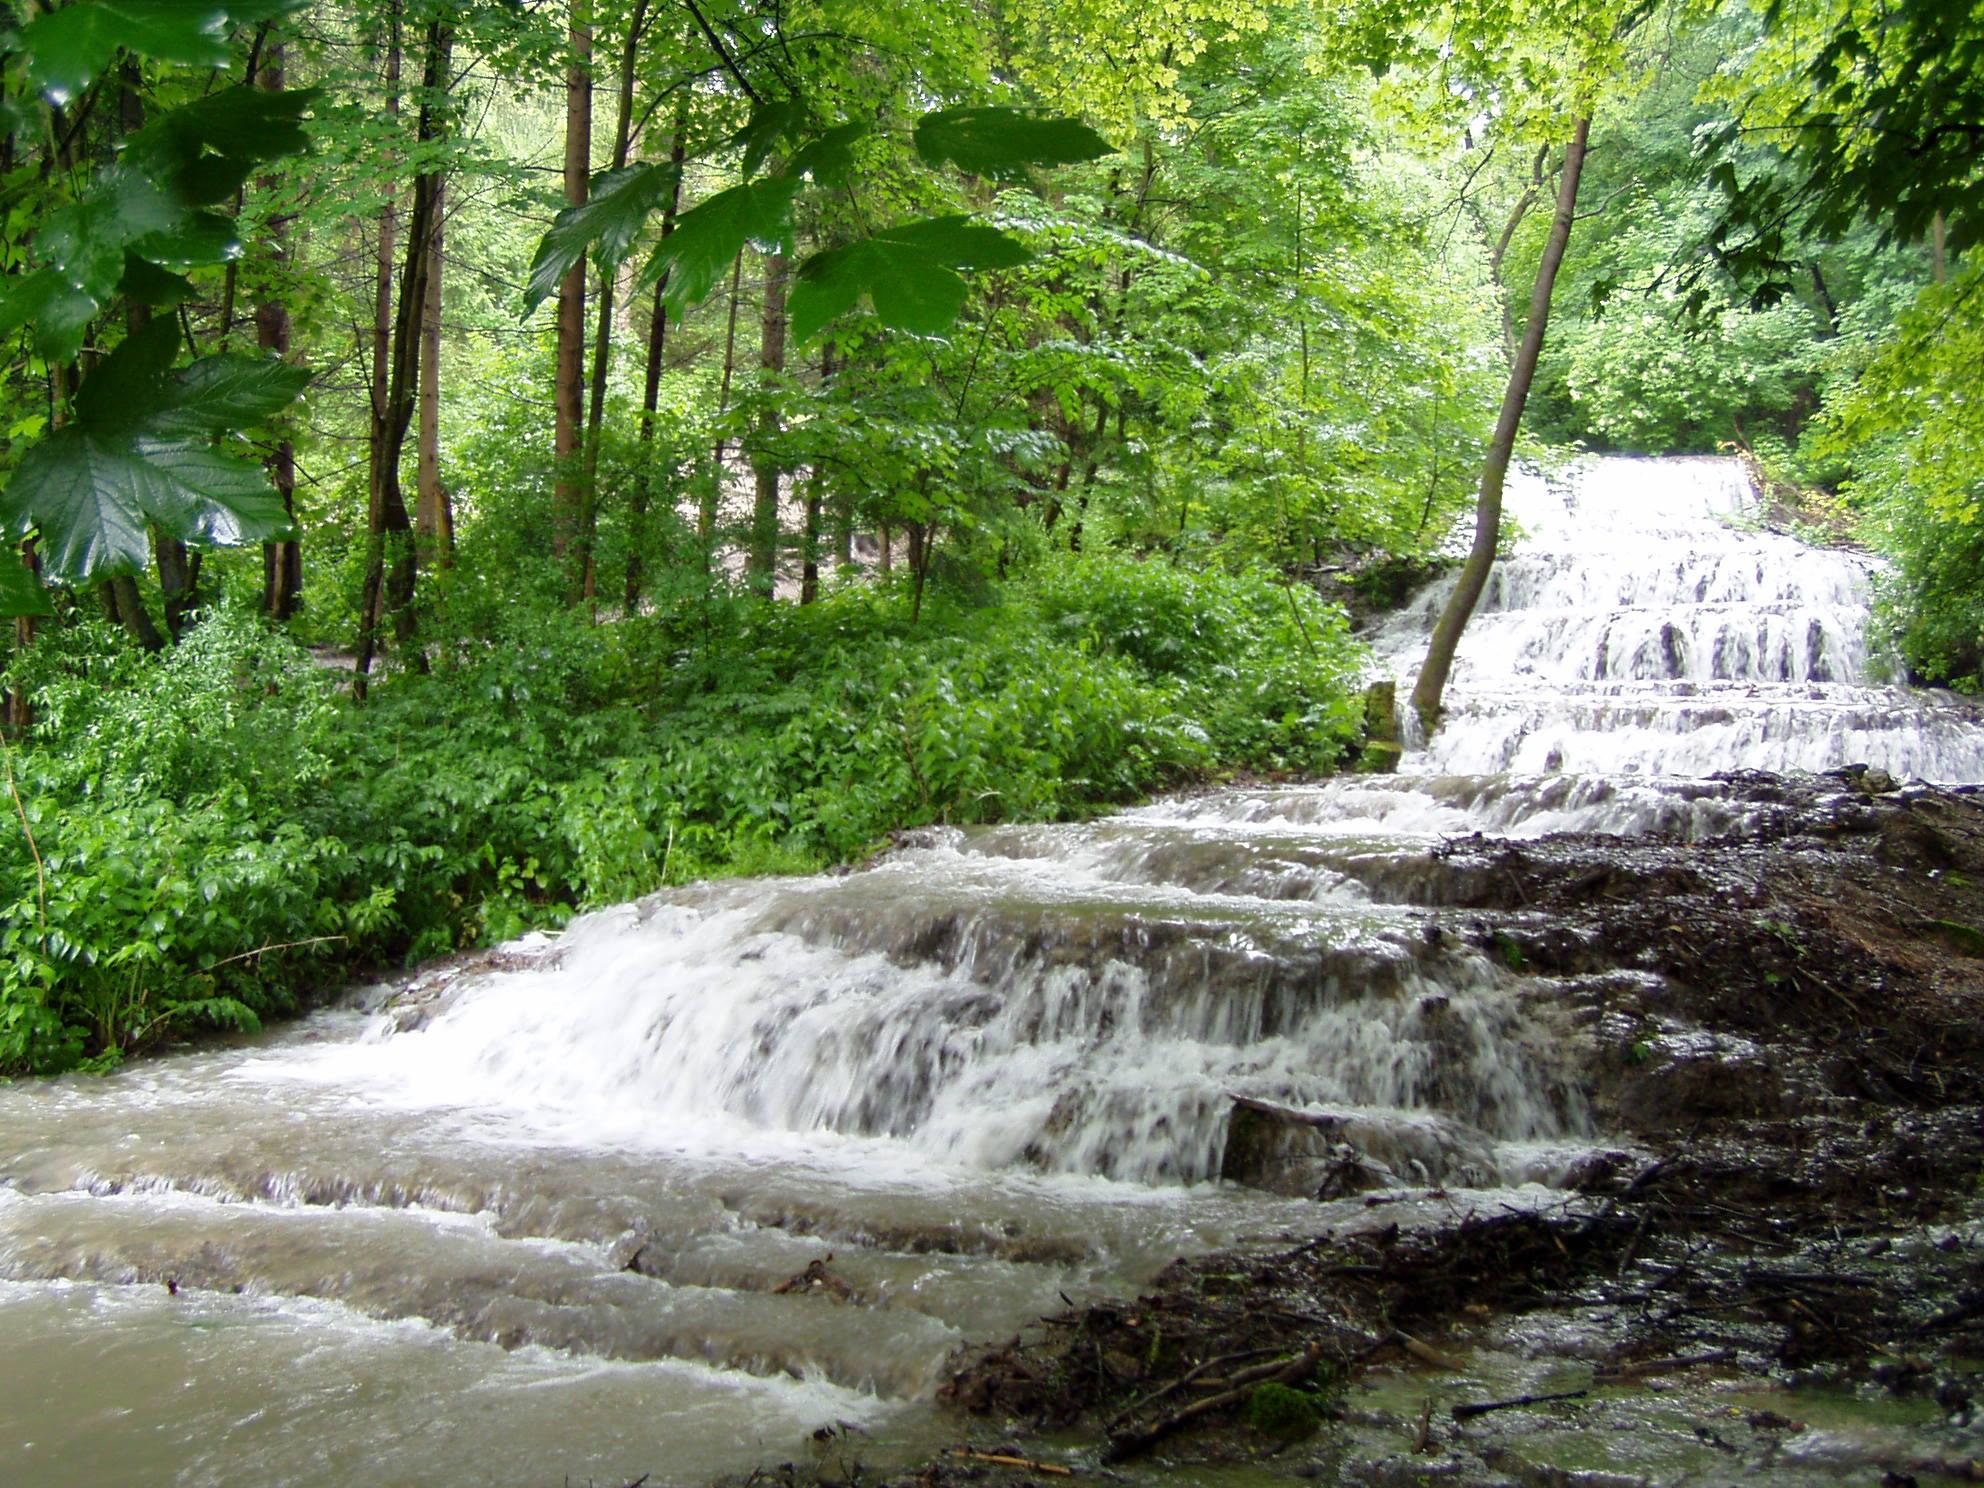 Gyorsfolyású hegyi patak - a tisztaság szimbóluma